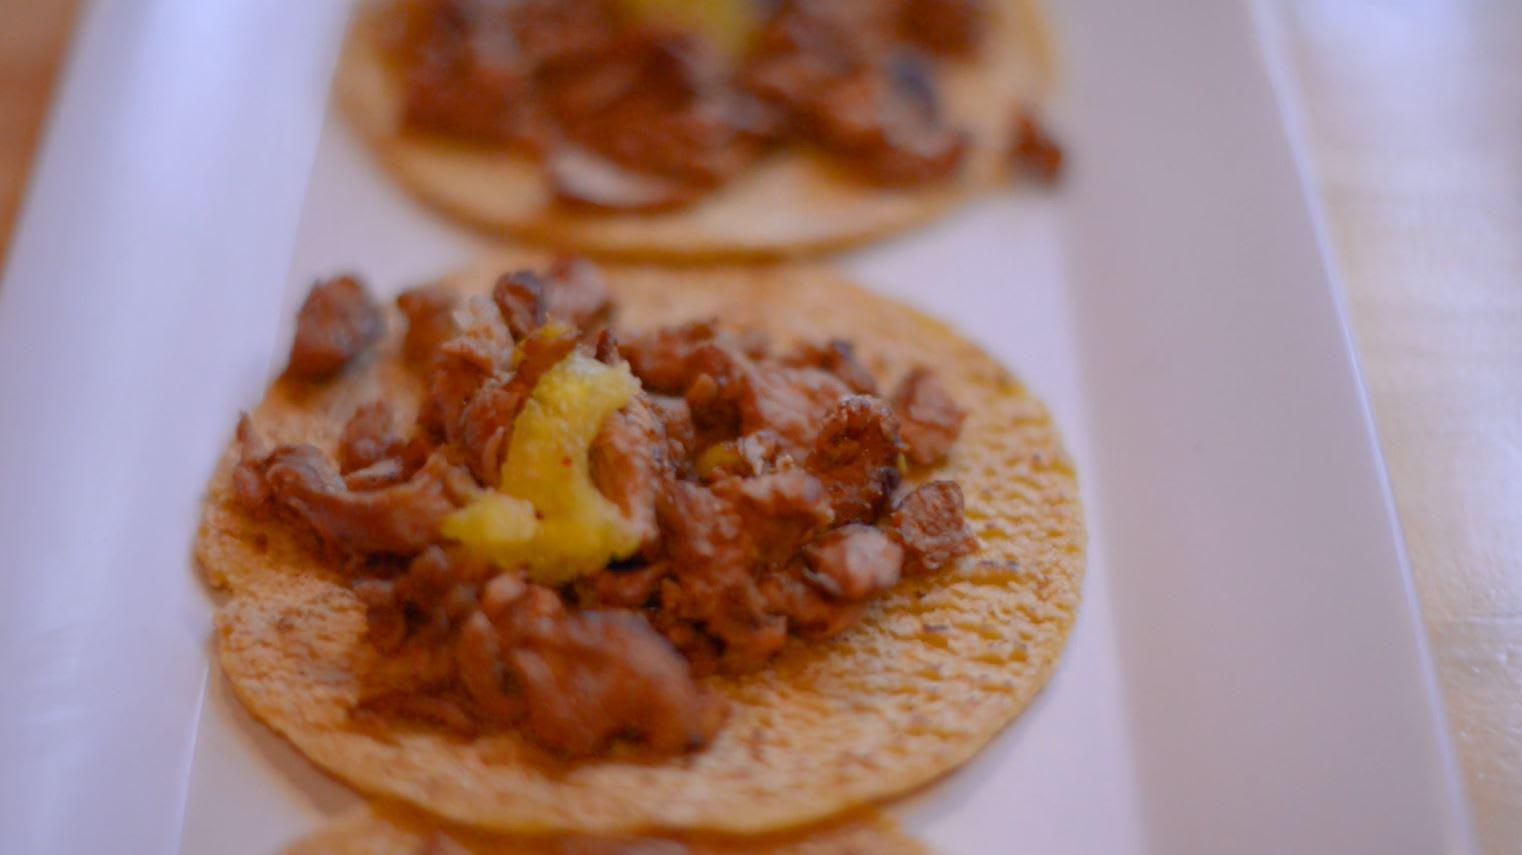 Tacos hispanos, las 5 recetas favoritas por la comunidad en EE. UU